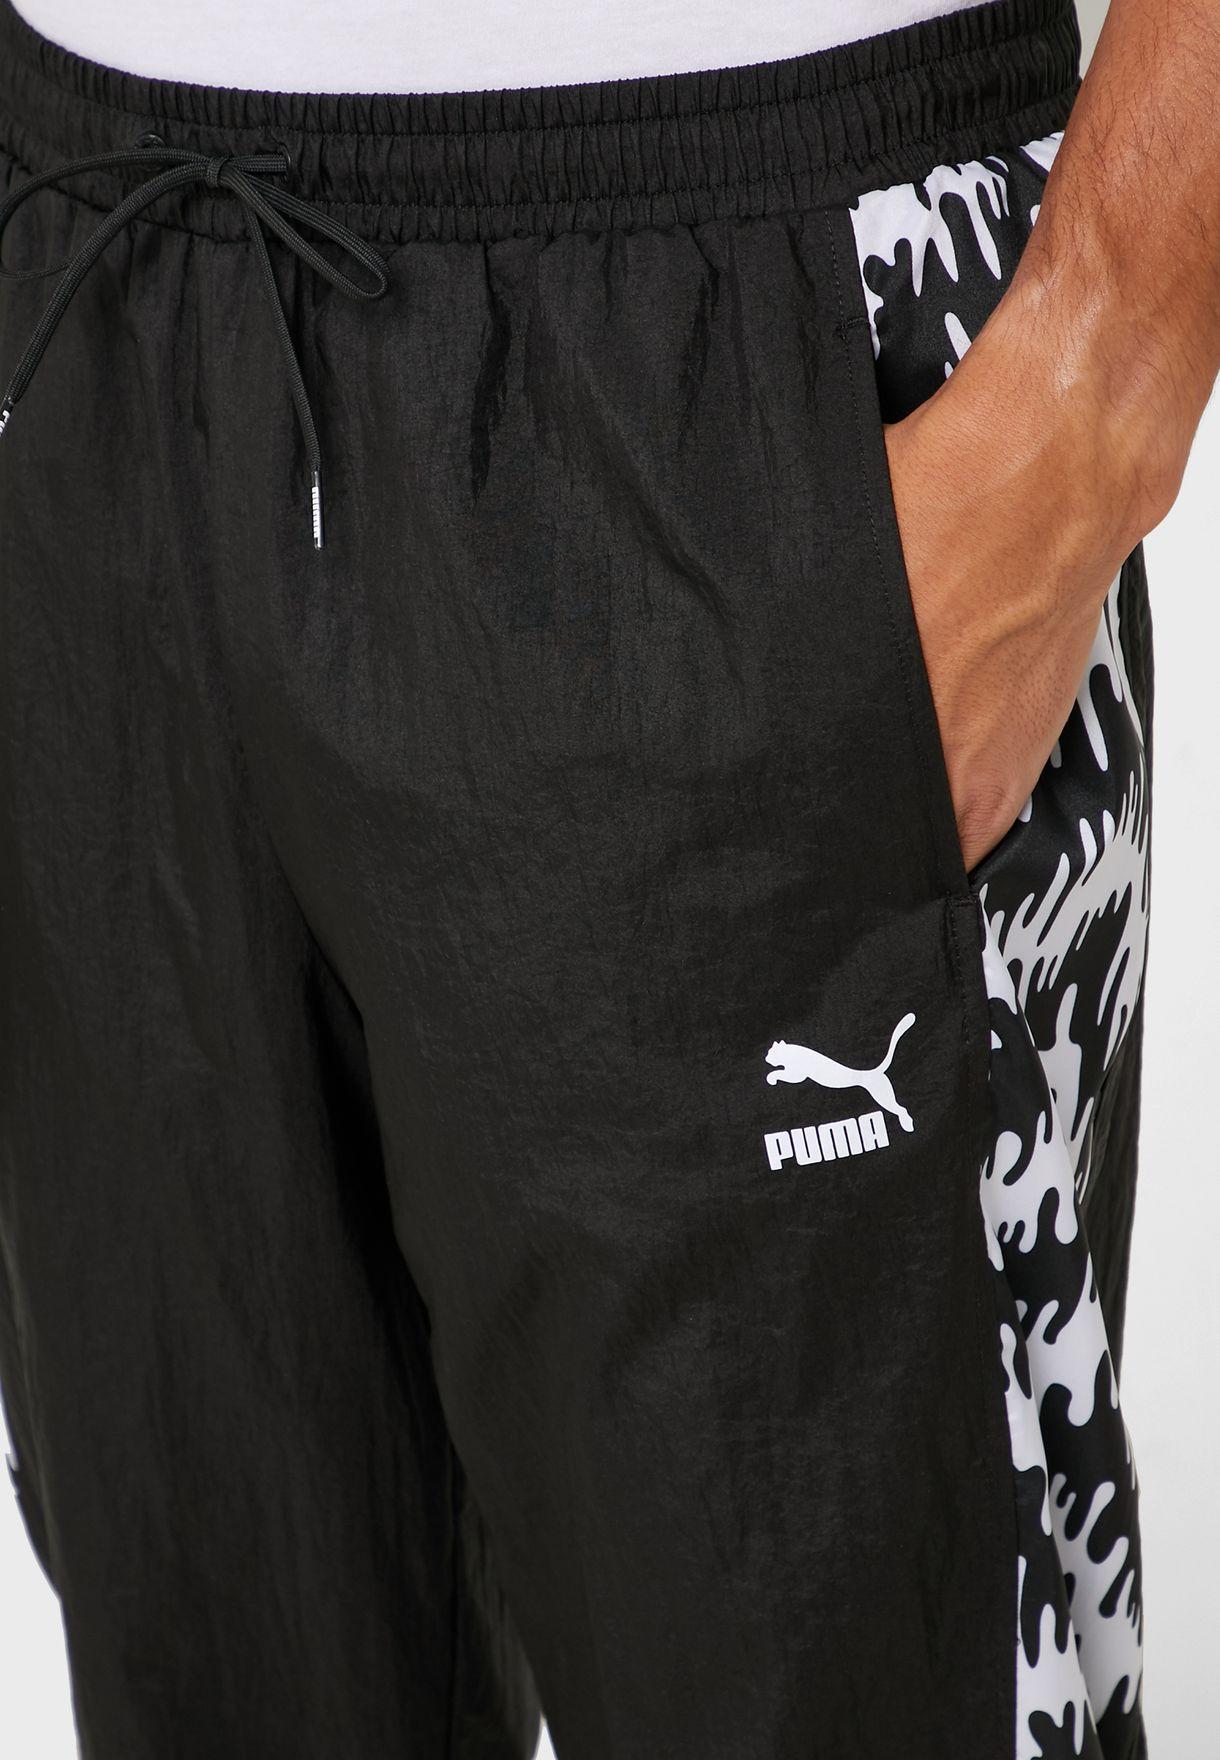 بنطال بدلة رياضية من مجموعة بوما اركايف